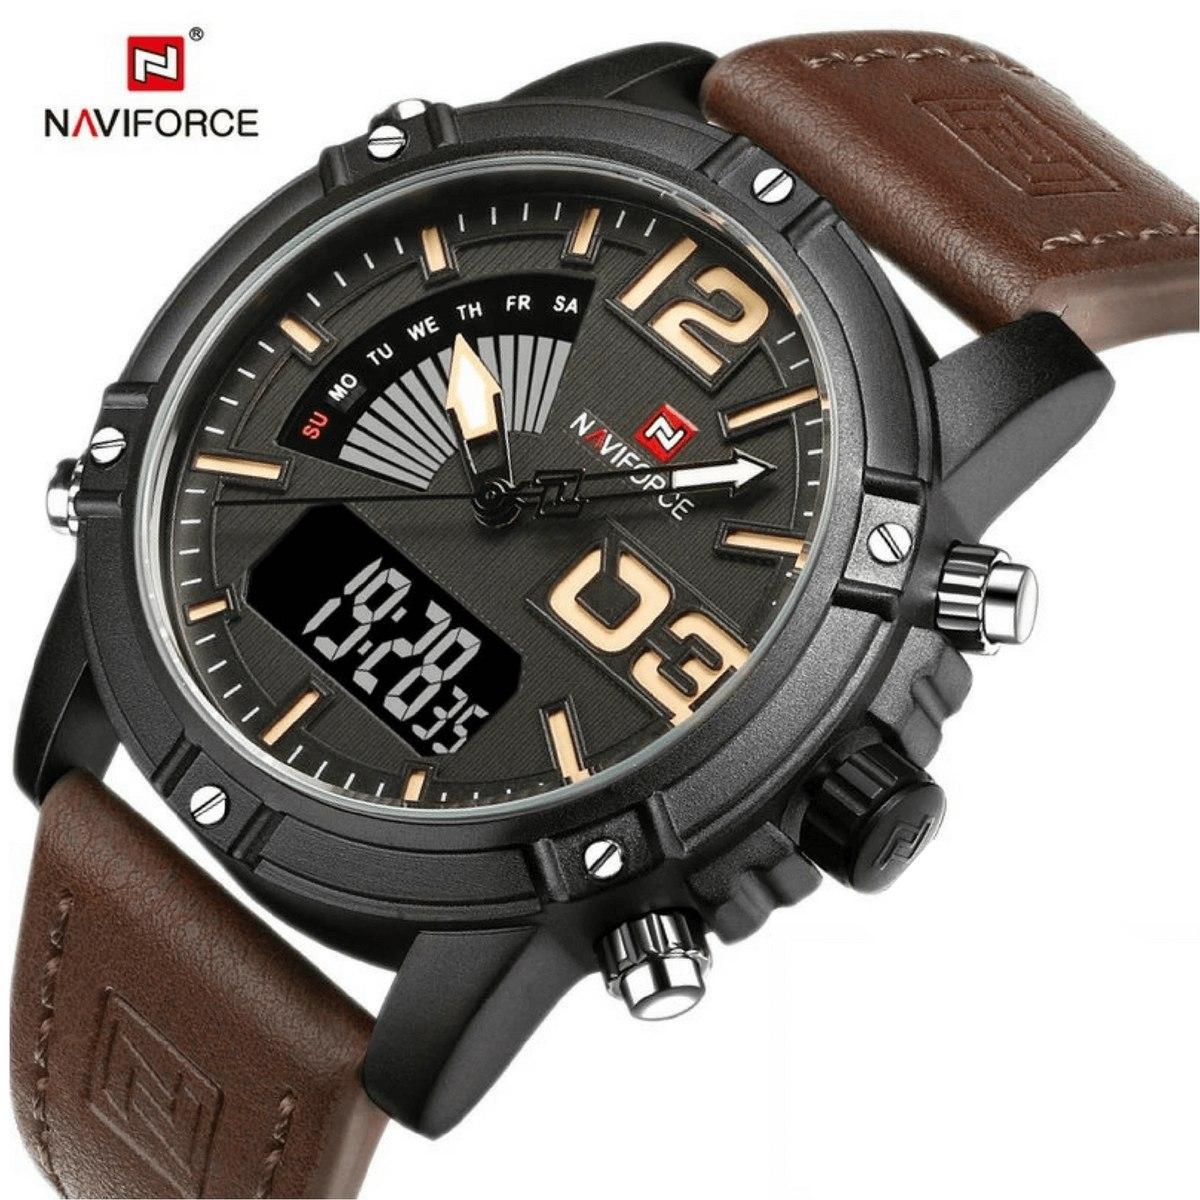 d549eb1cf2e relogio masculino naviforce 9095 pulseira de couro promoção. Carregando  zoom.